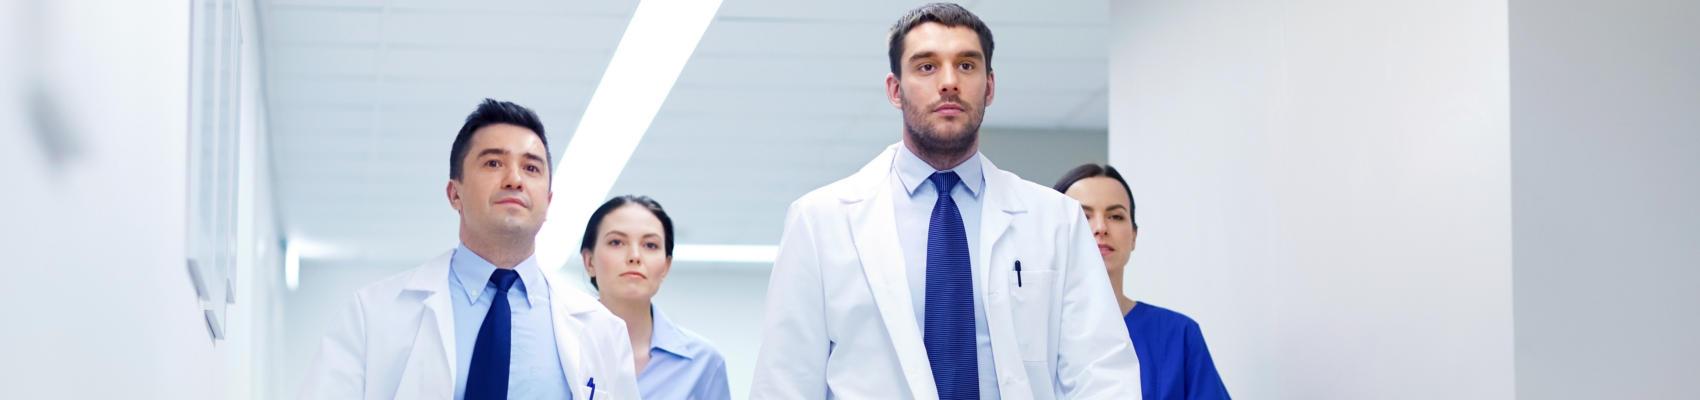 Ärztevermittlung für Kliniken & Praxen